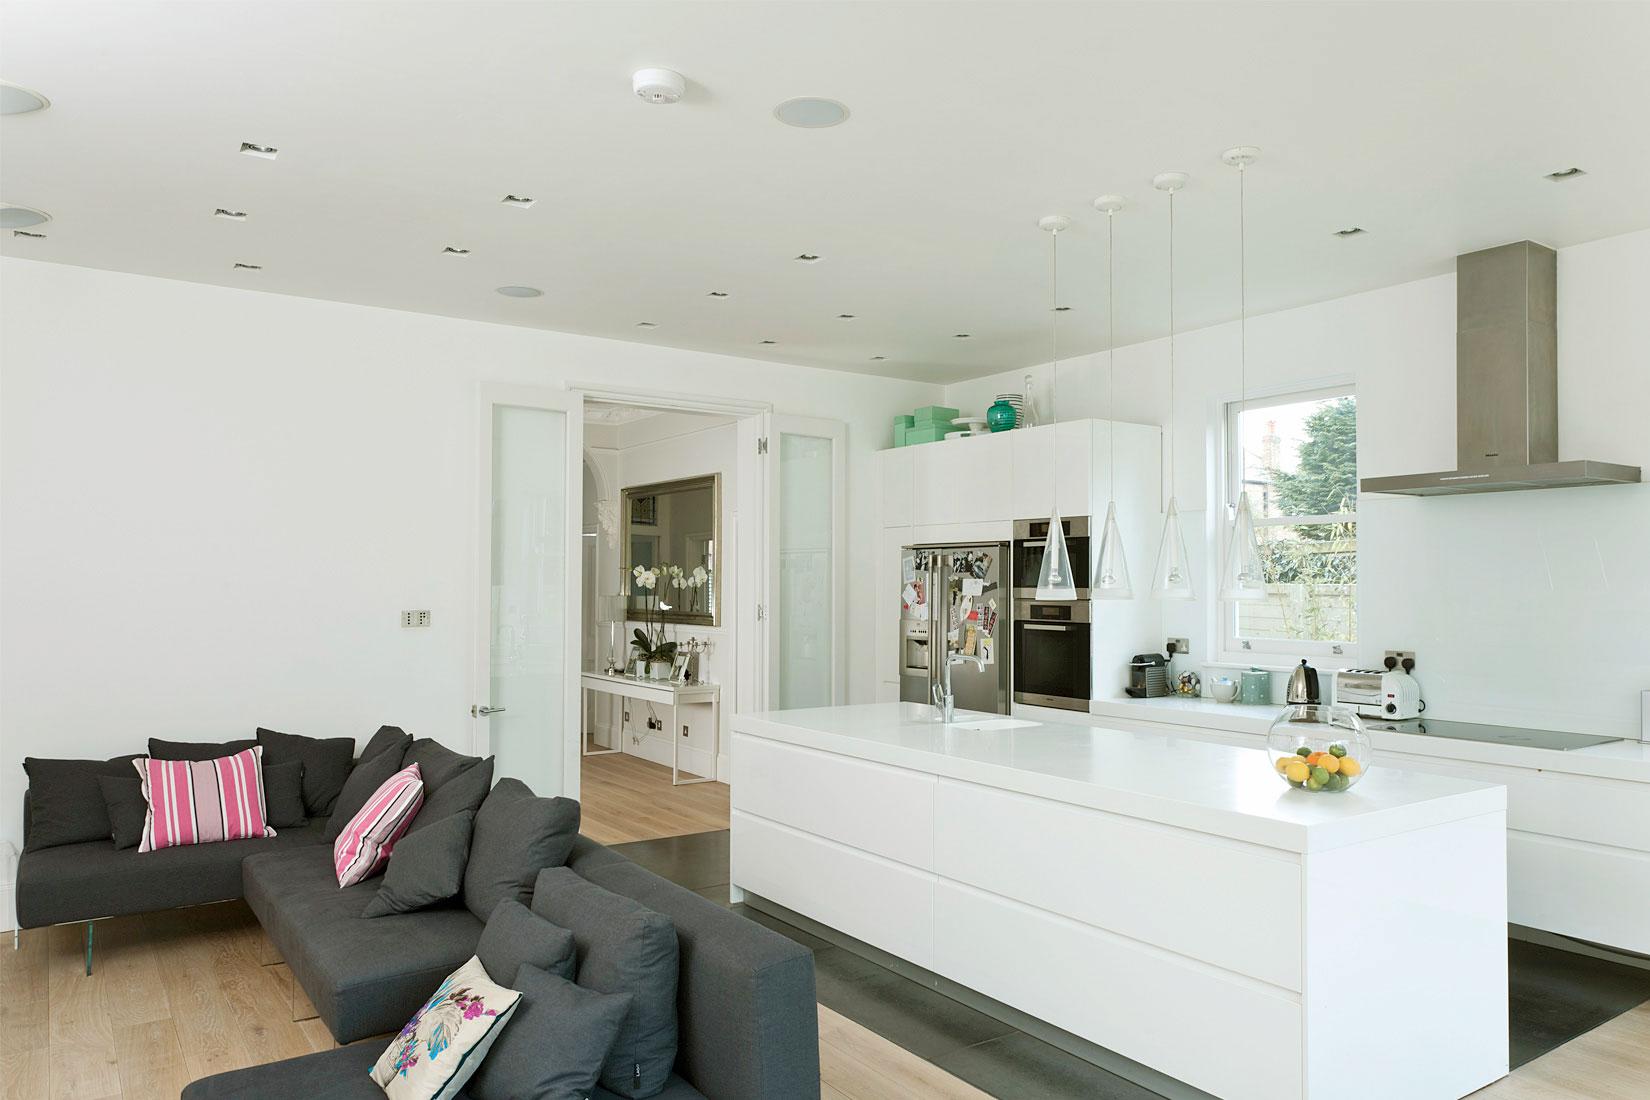 diseño casas pequeñas paredes blancas